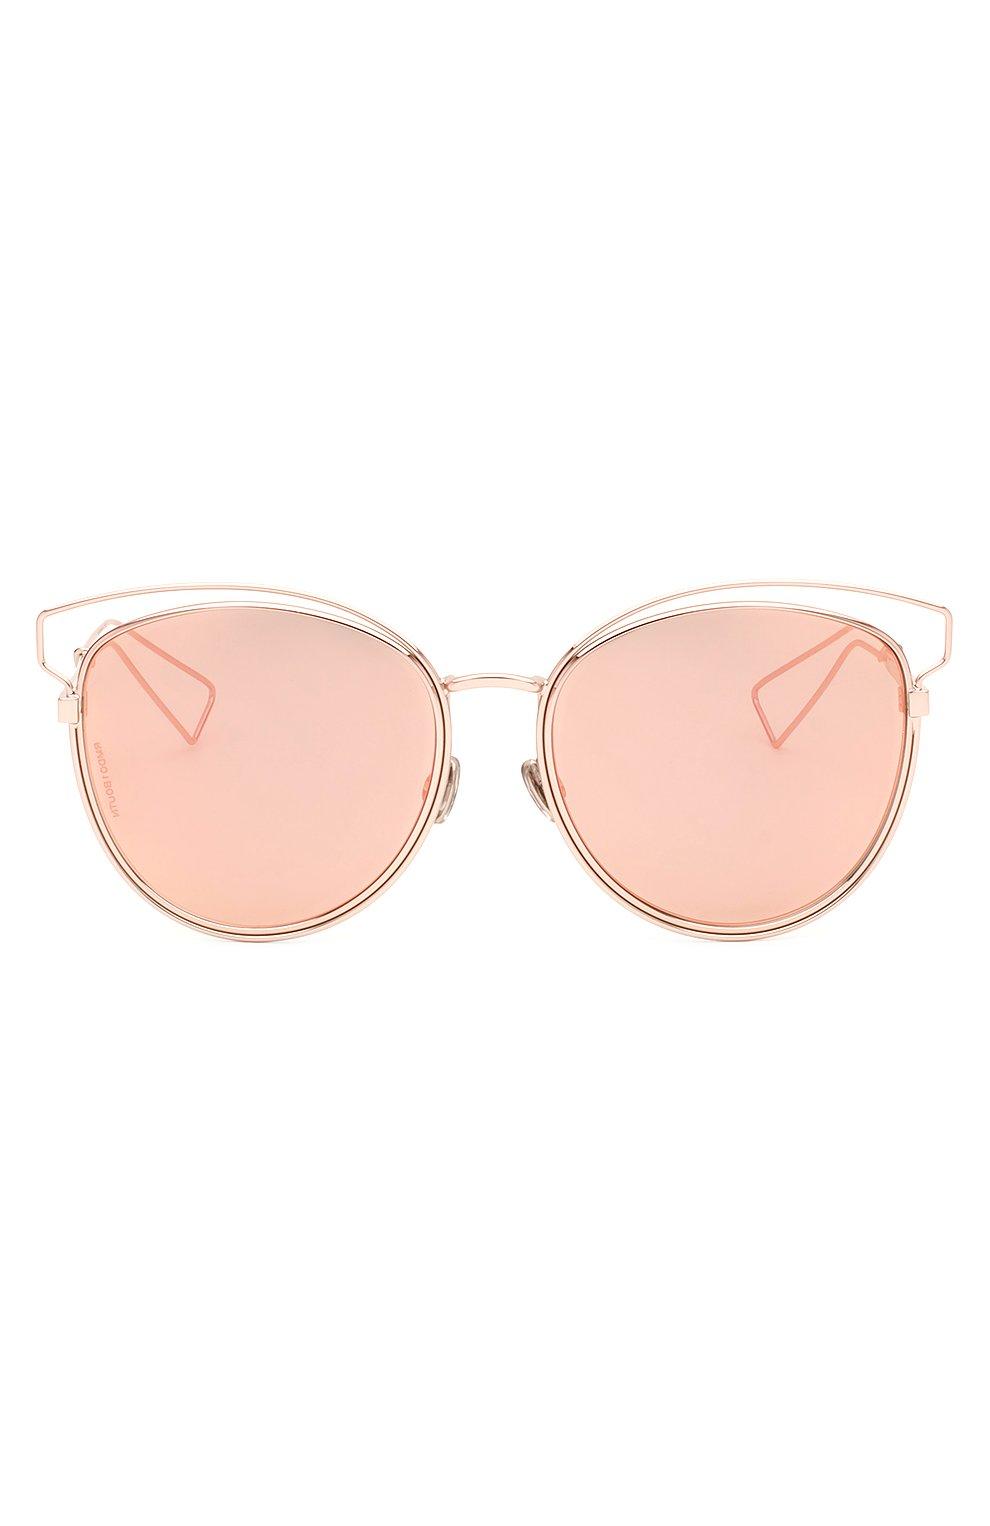 Женские солнцезащитные очки DIOR розового цвета, арт. DI0RSIDERAL2 JA0 | Фото 1